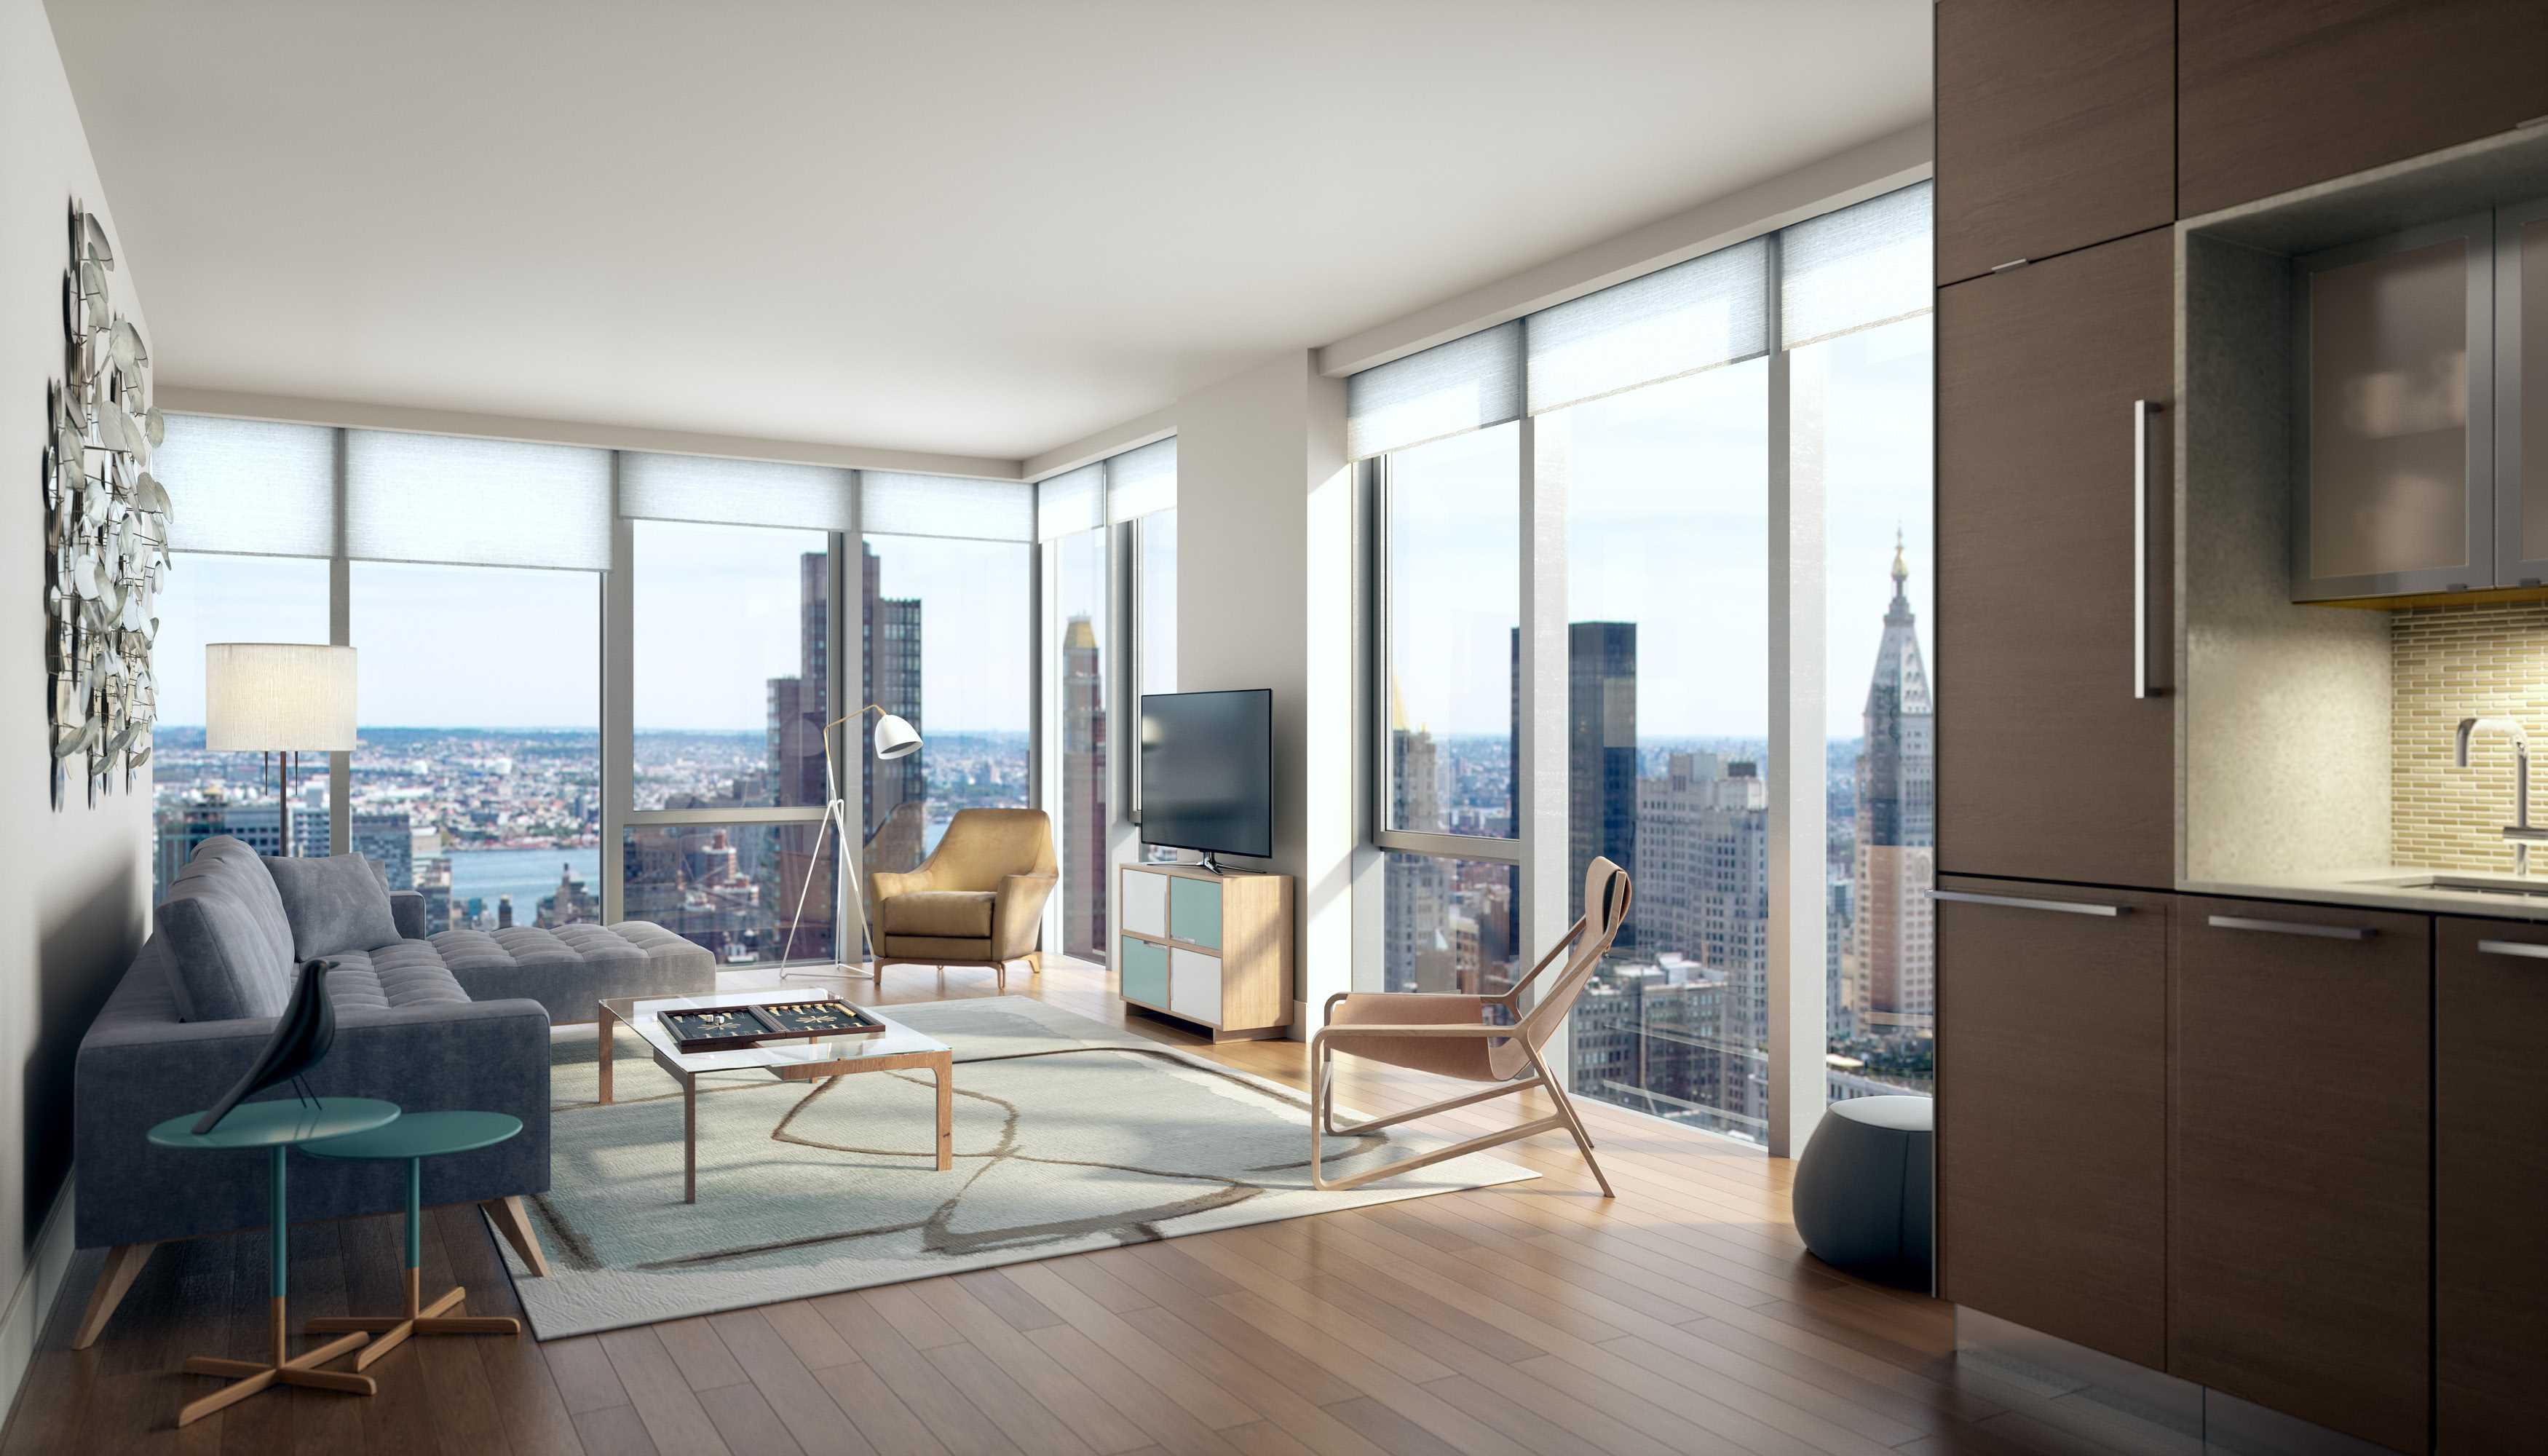 Eos Luxury Apartments